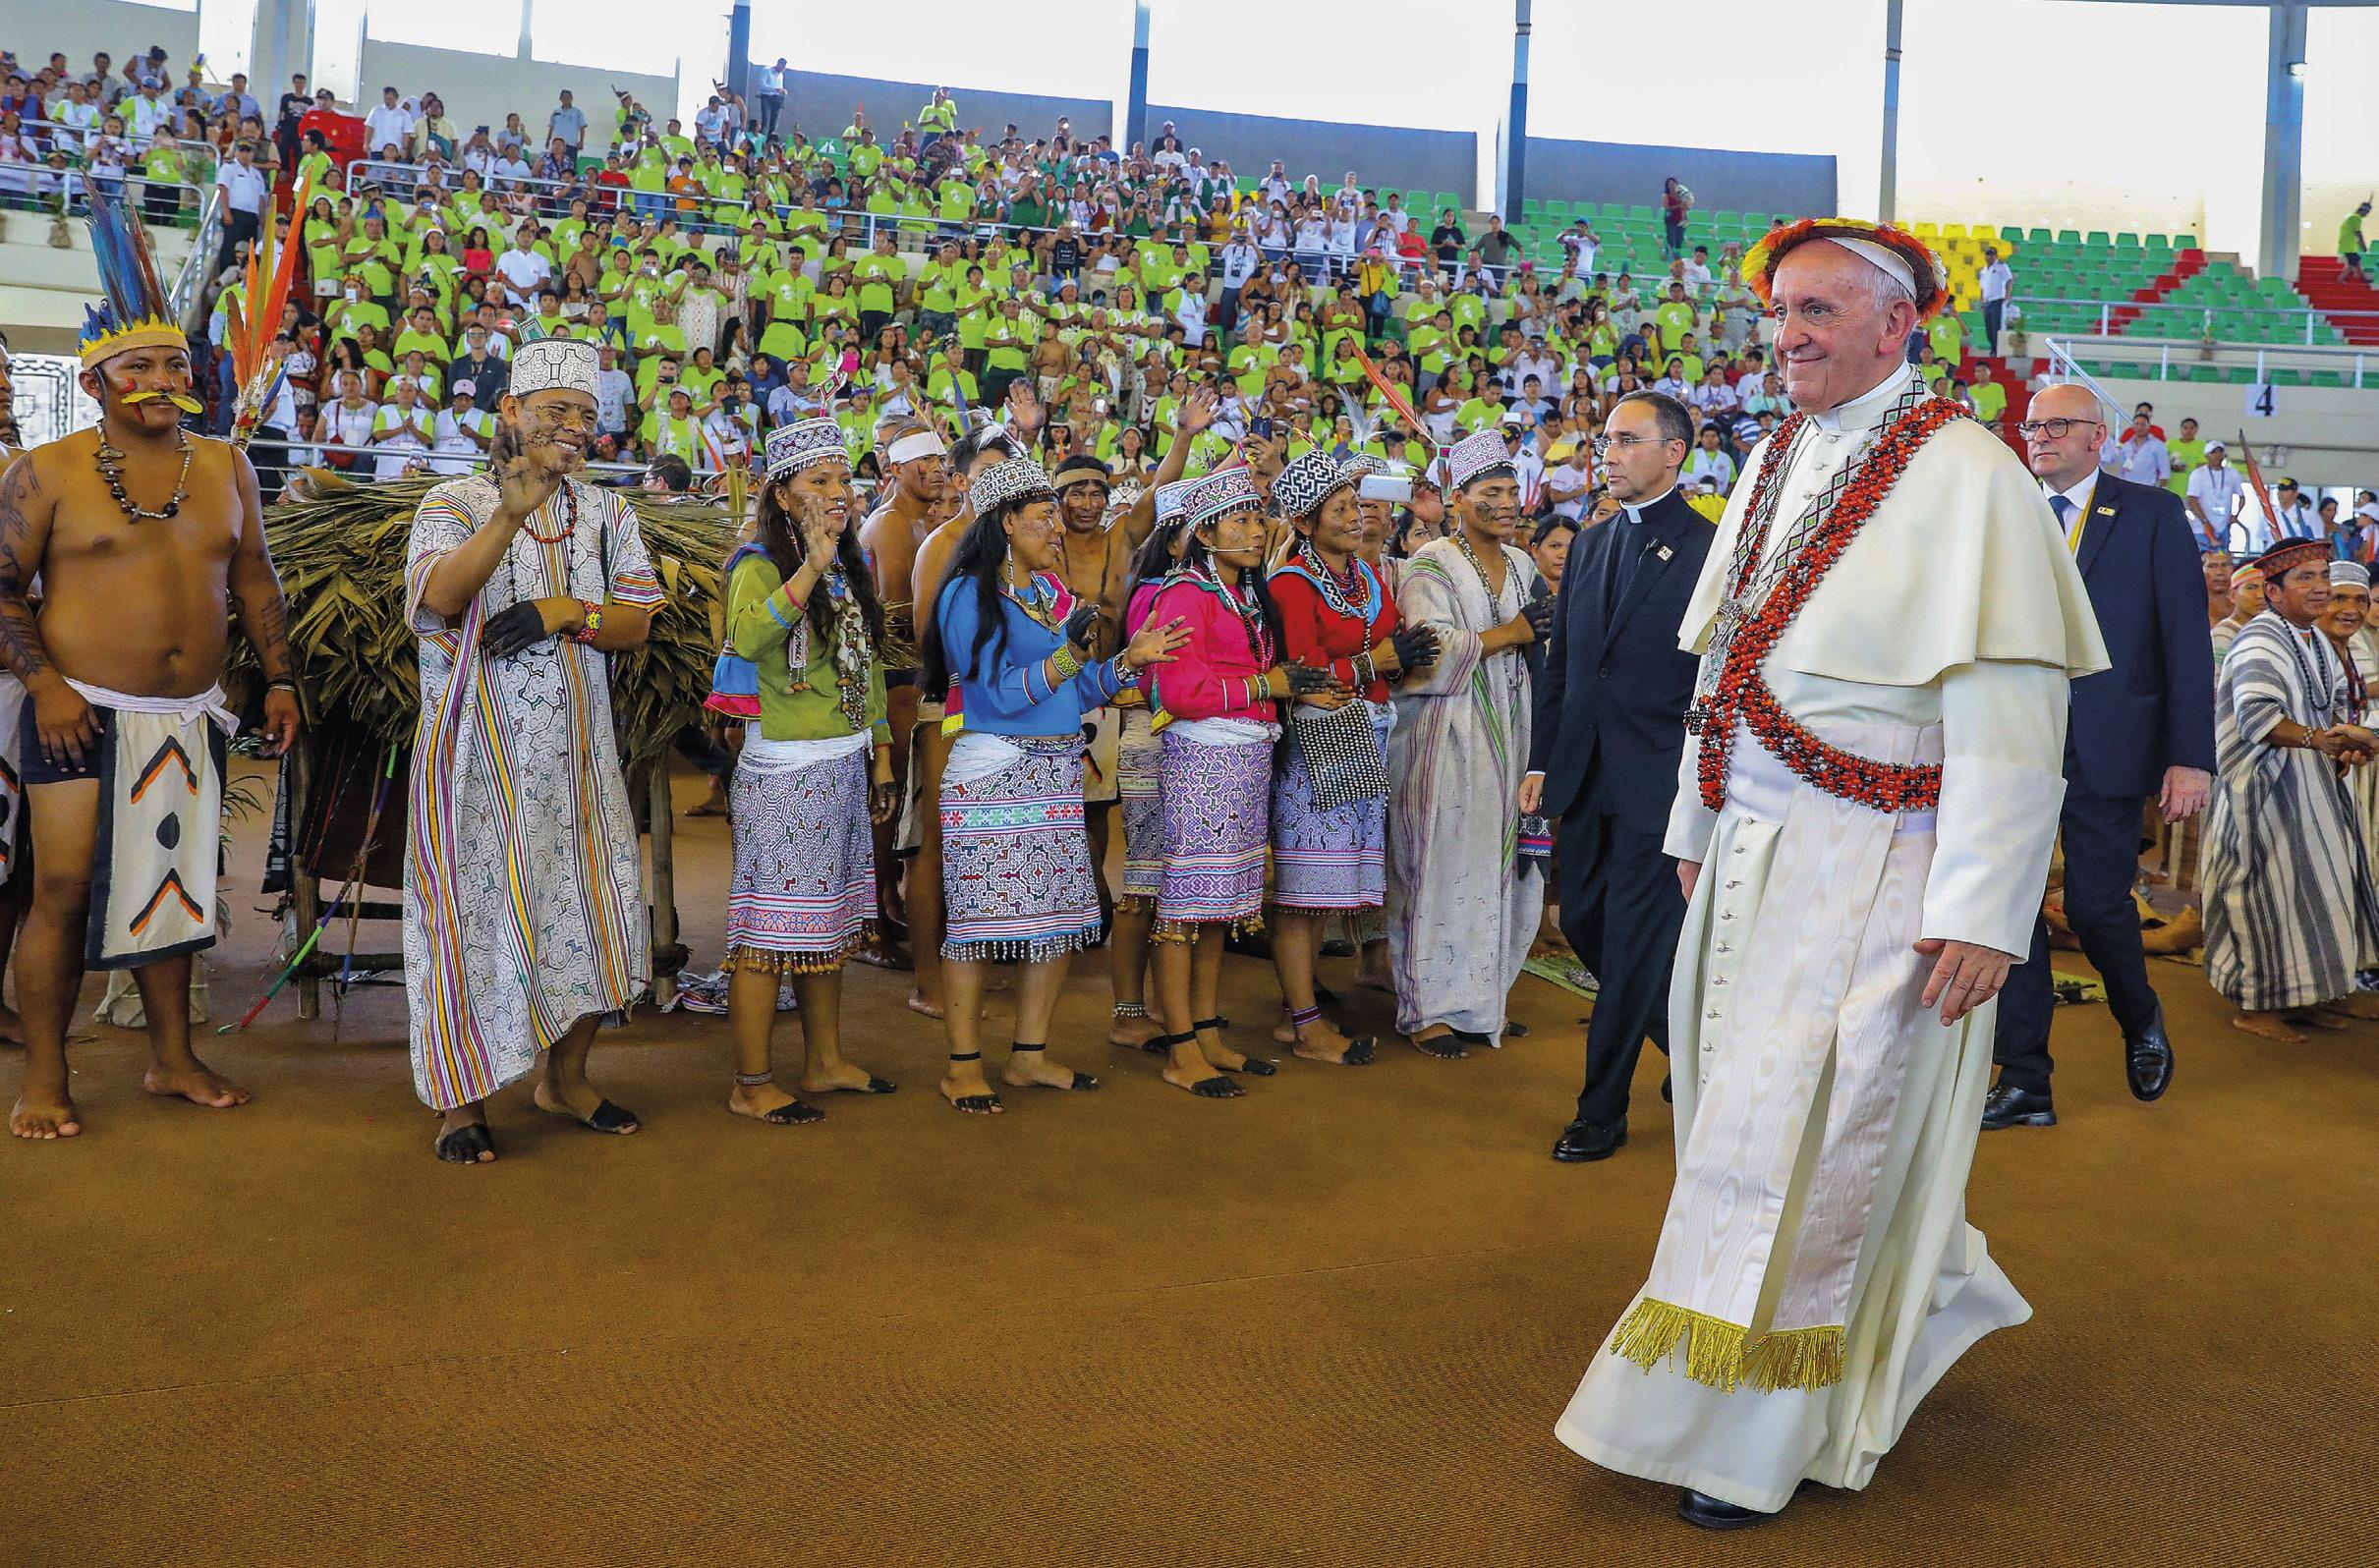 Encontro do Papa com índios da Amazónia, na visita ao Peru, 19 de janeiro de 2018. Foto: André Valles.